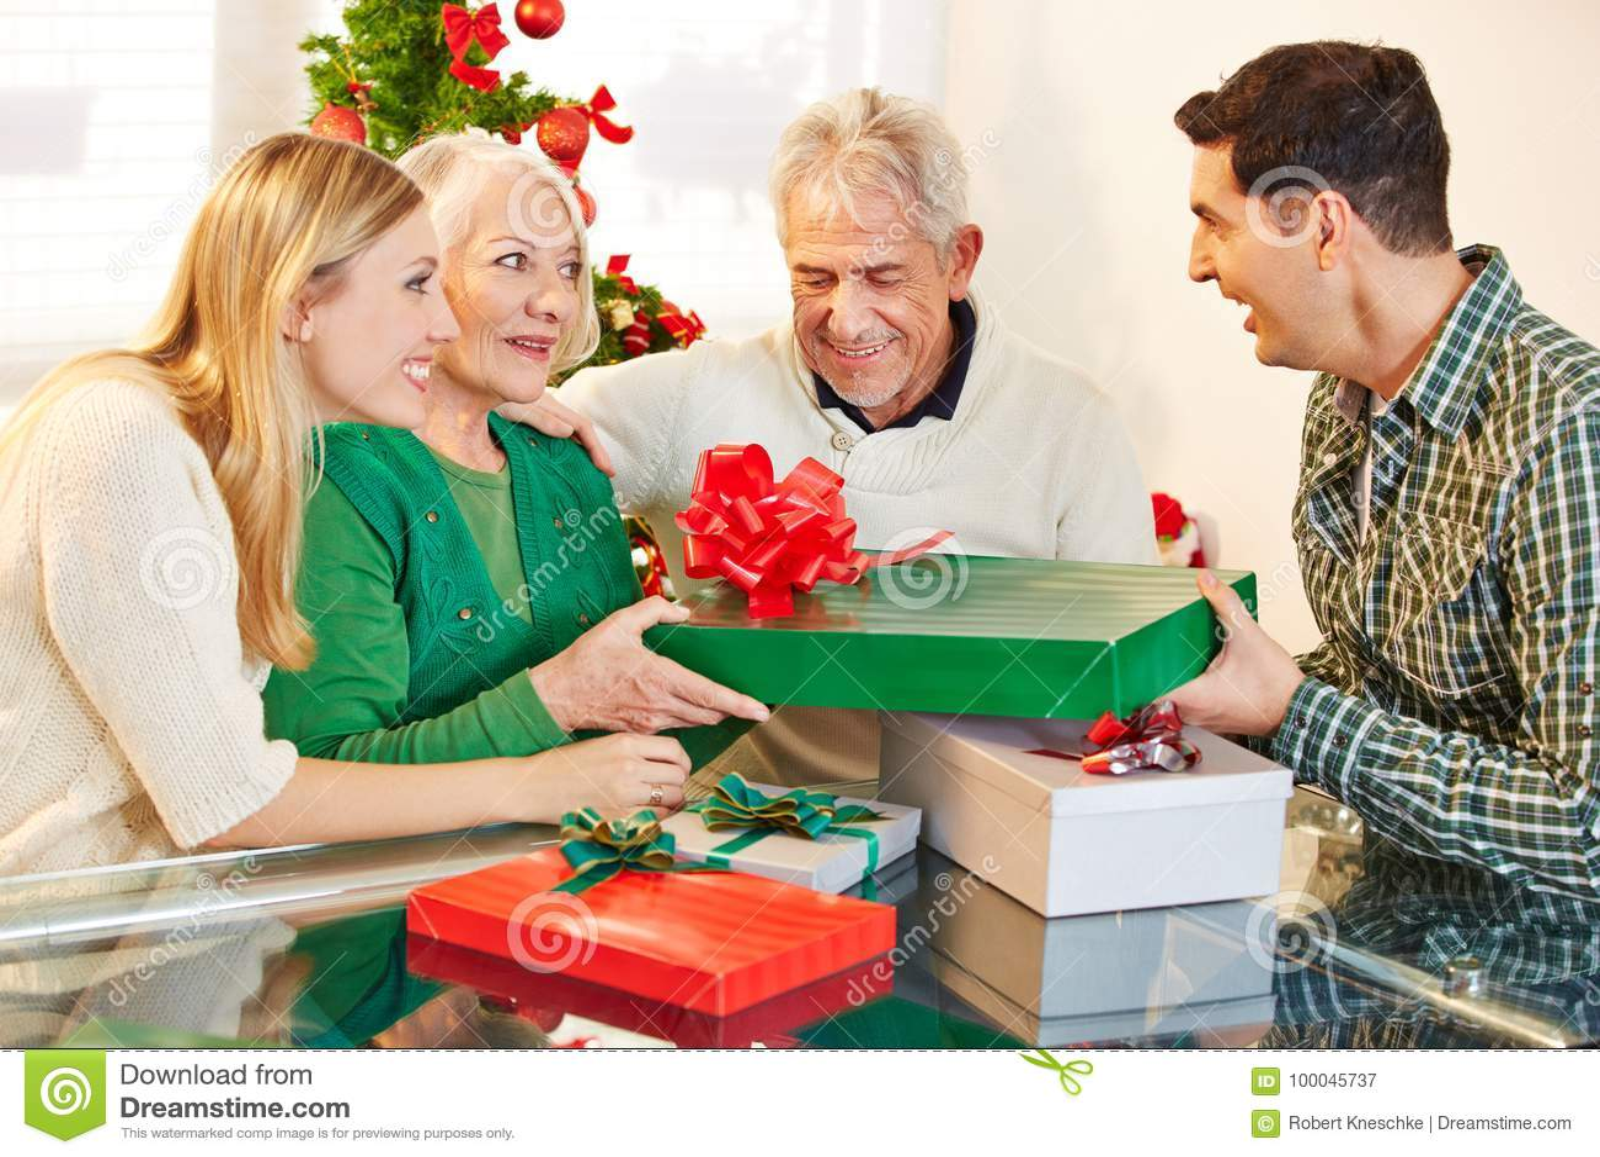 Подарок с фото, подарки с фото, дорогой подарок 66